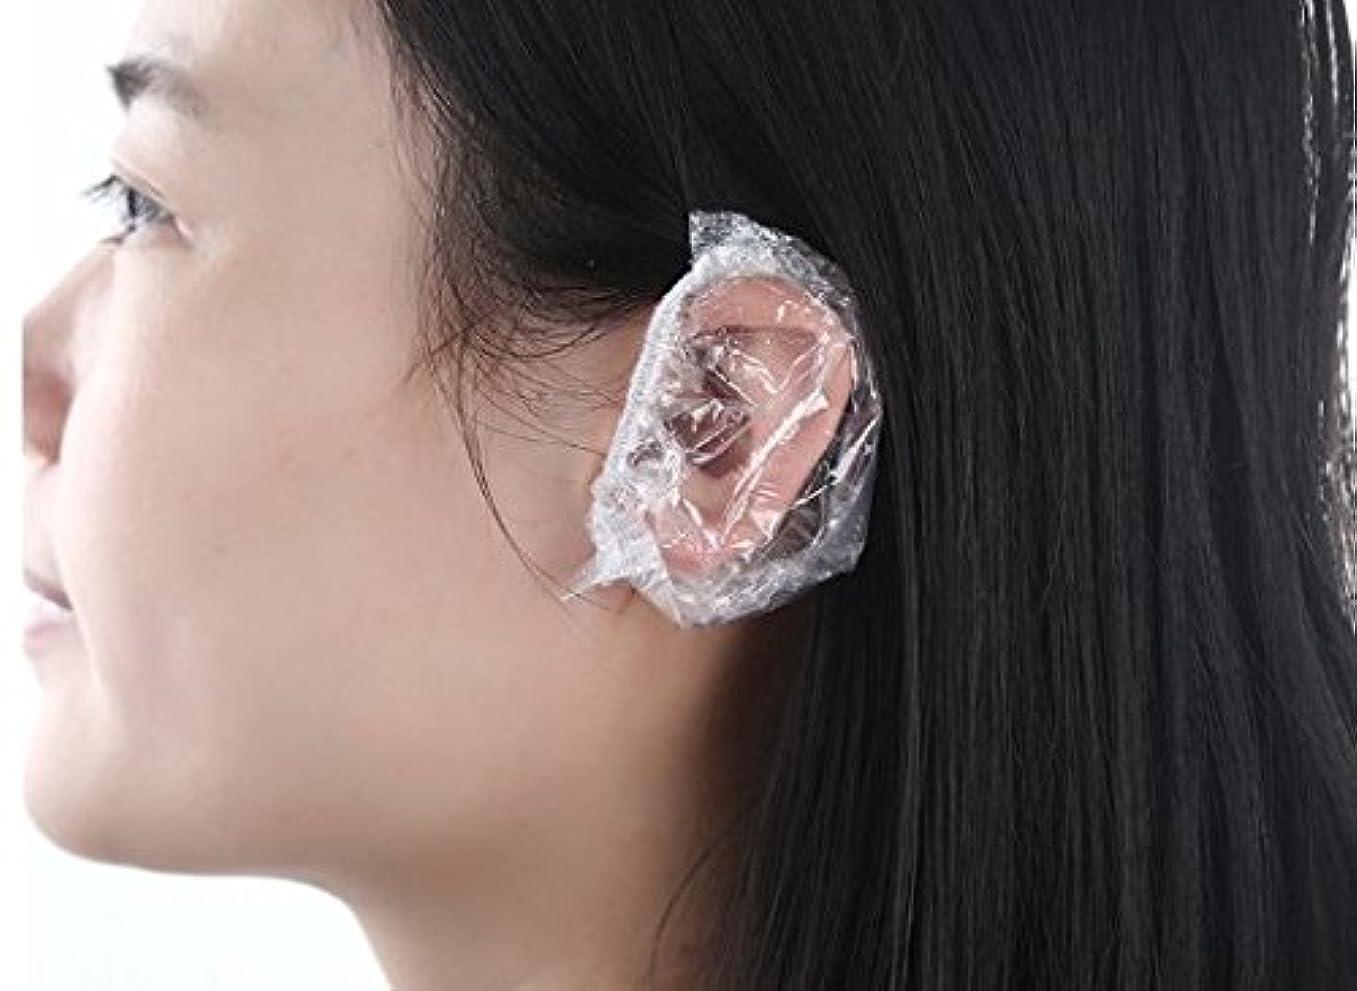 活気づけるプロトタイプバリー(all lead )毛染め用 シャワーキャップ 髪染め 耳キャップ 耳カバー イヤーキャップ 使い捨て(100枚)